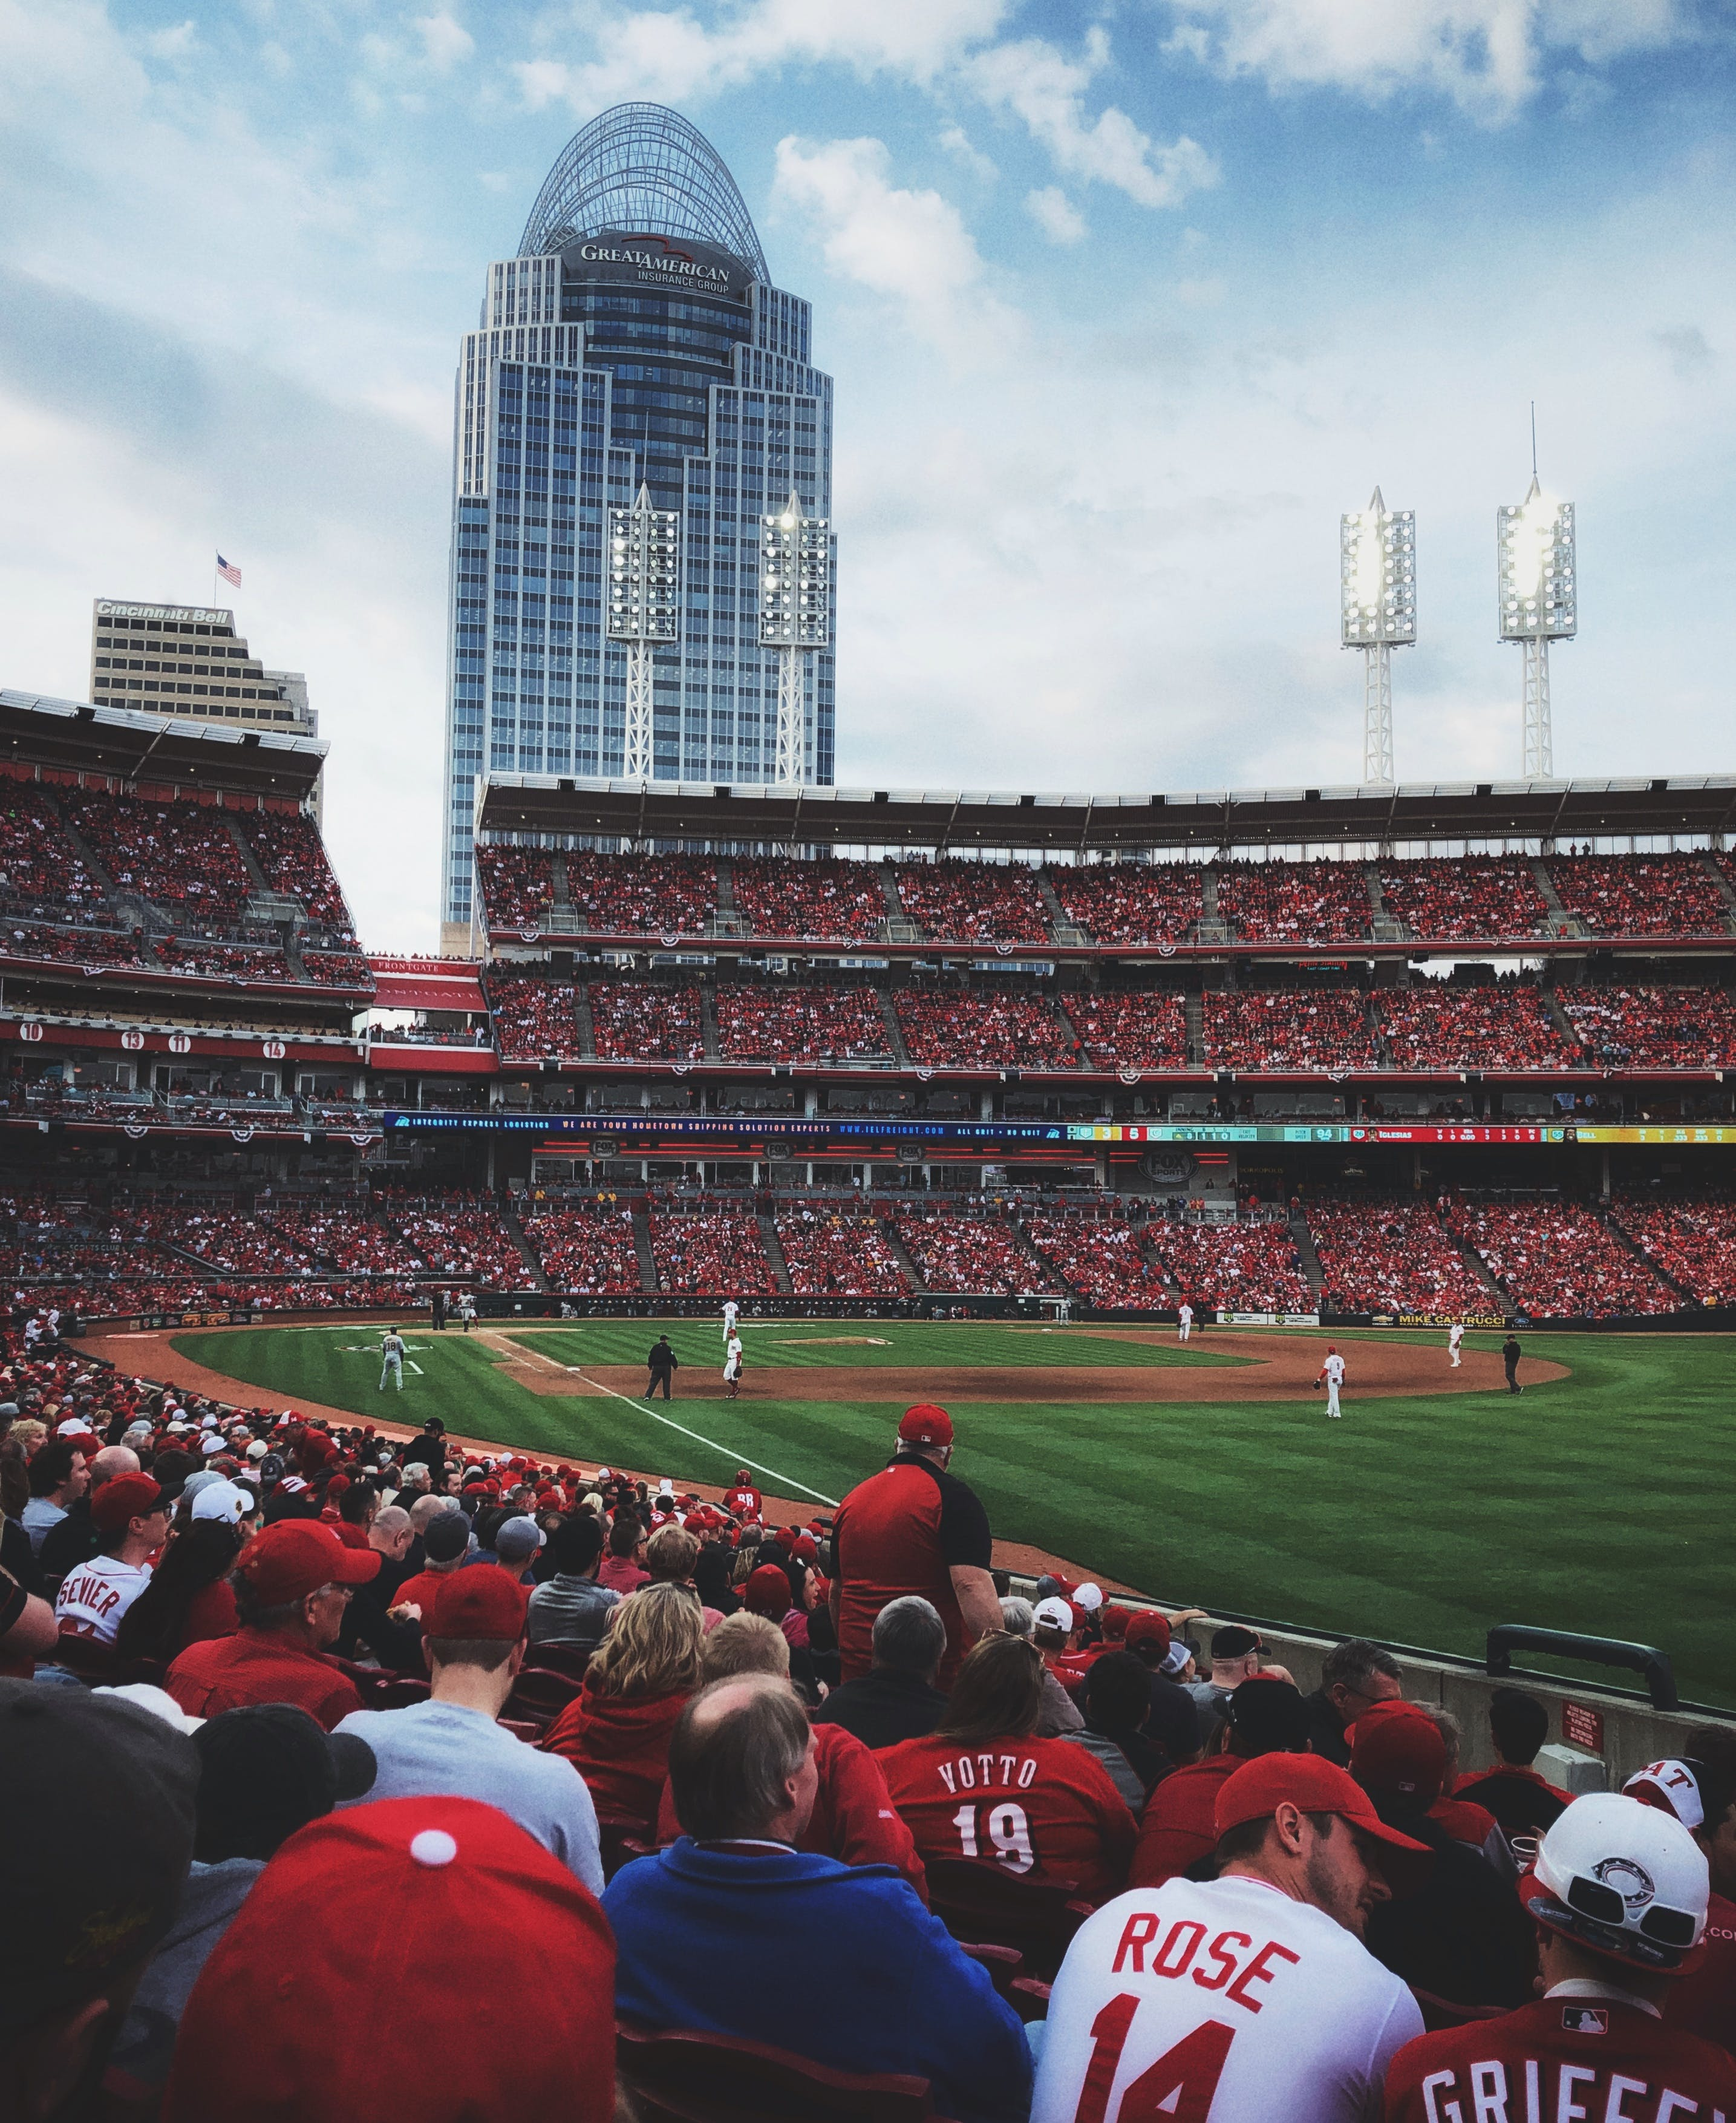 人, 人群, 操場, 棒球 的 免费素材照片